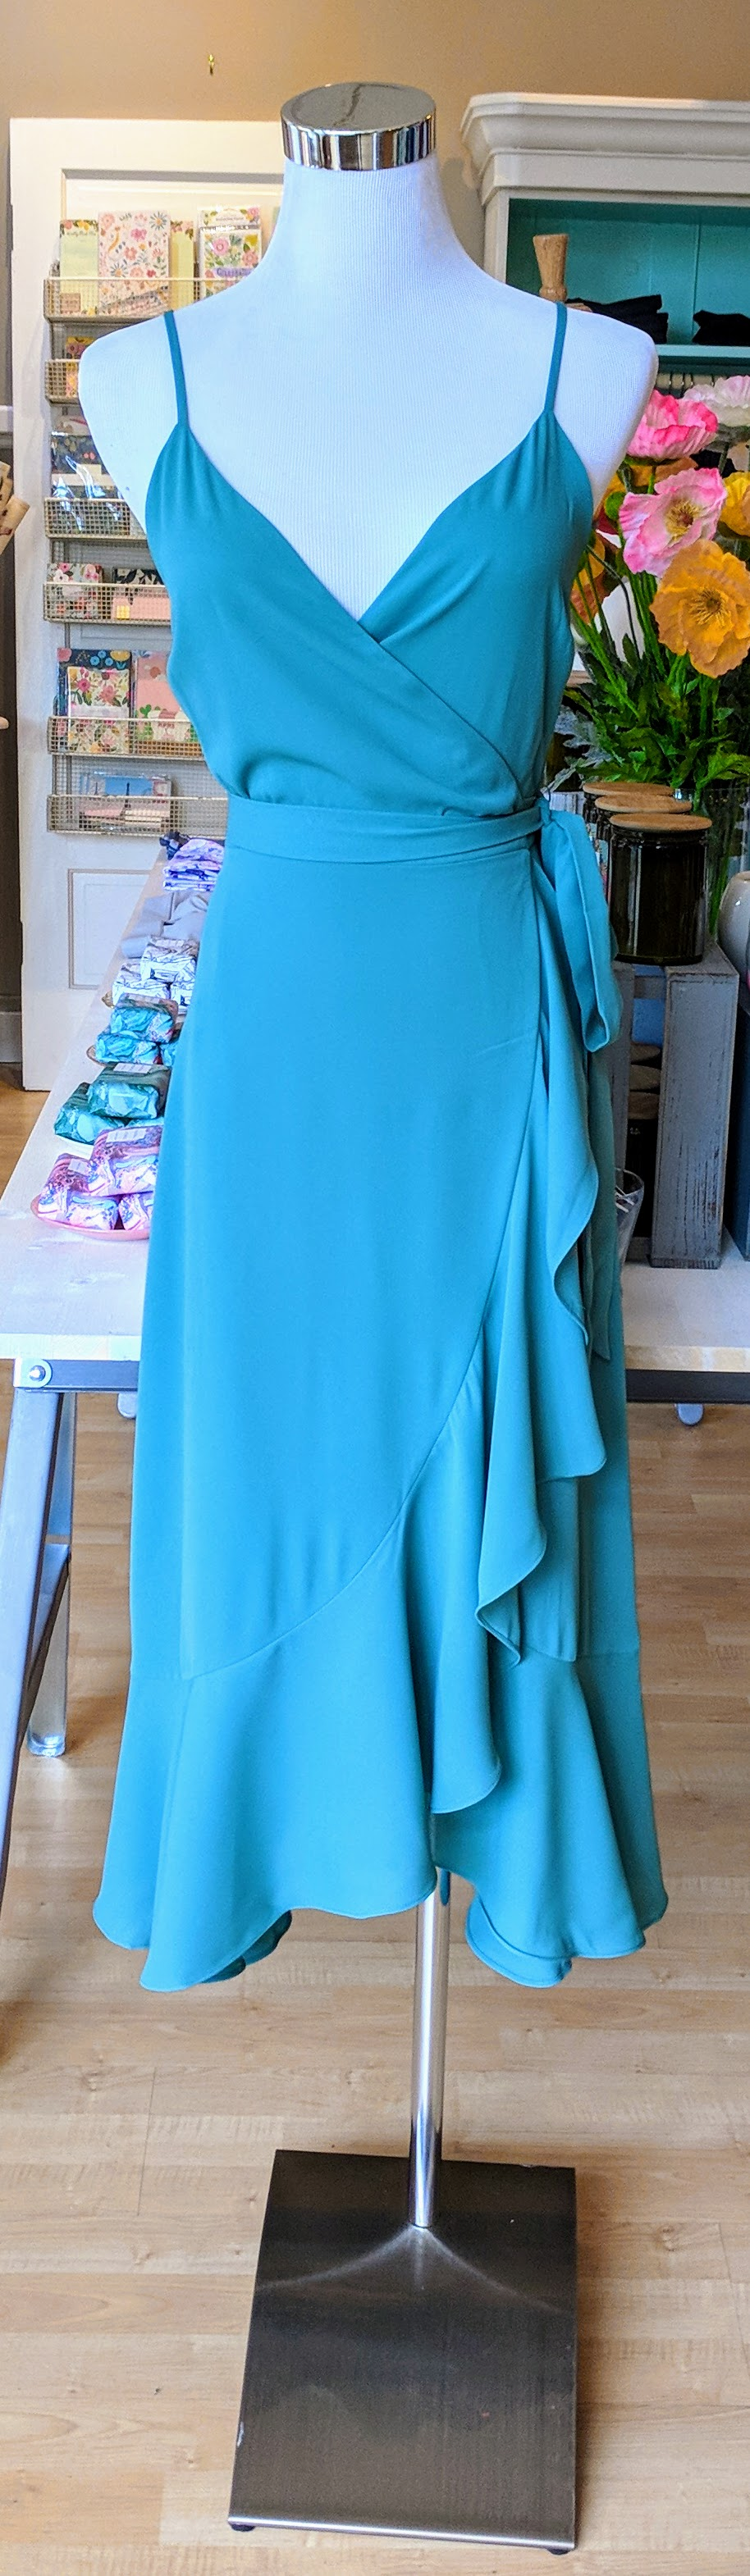 Sea Green wrap dress with tie waist.